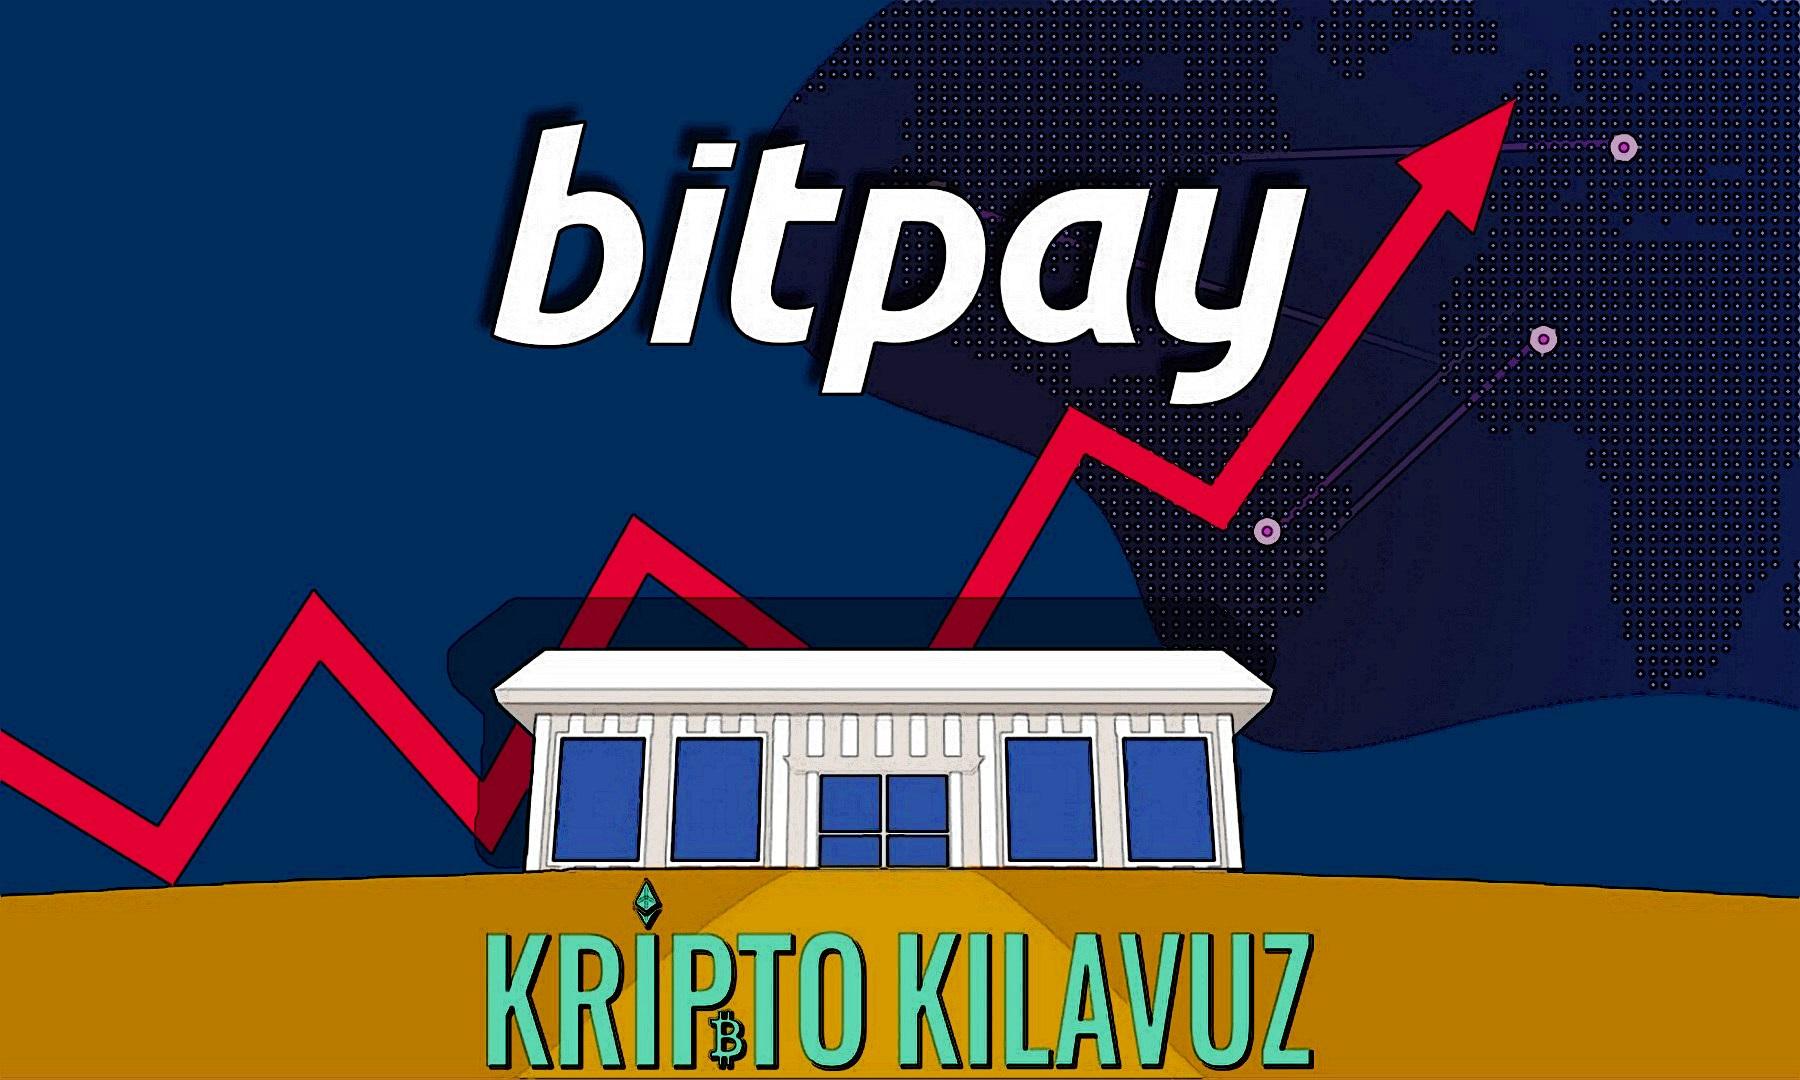 BitPay 2018 Yılında 1 Milyar Doların Üzerinde İşlem Gördüğünü Açıkladı